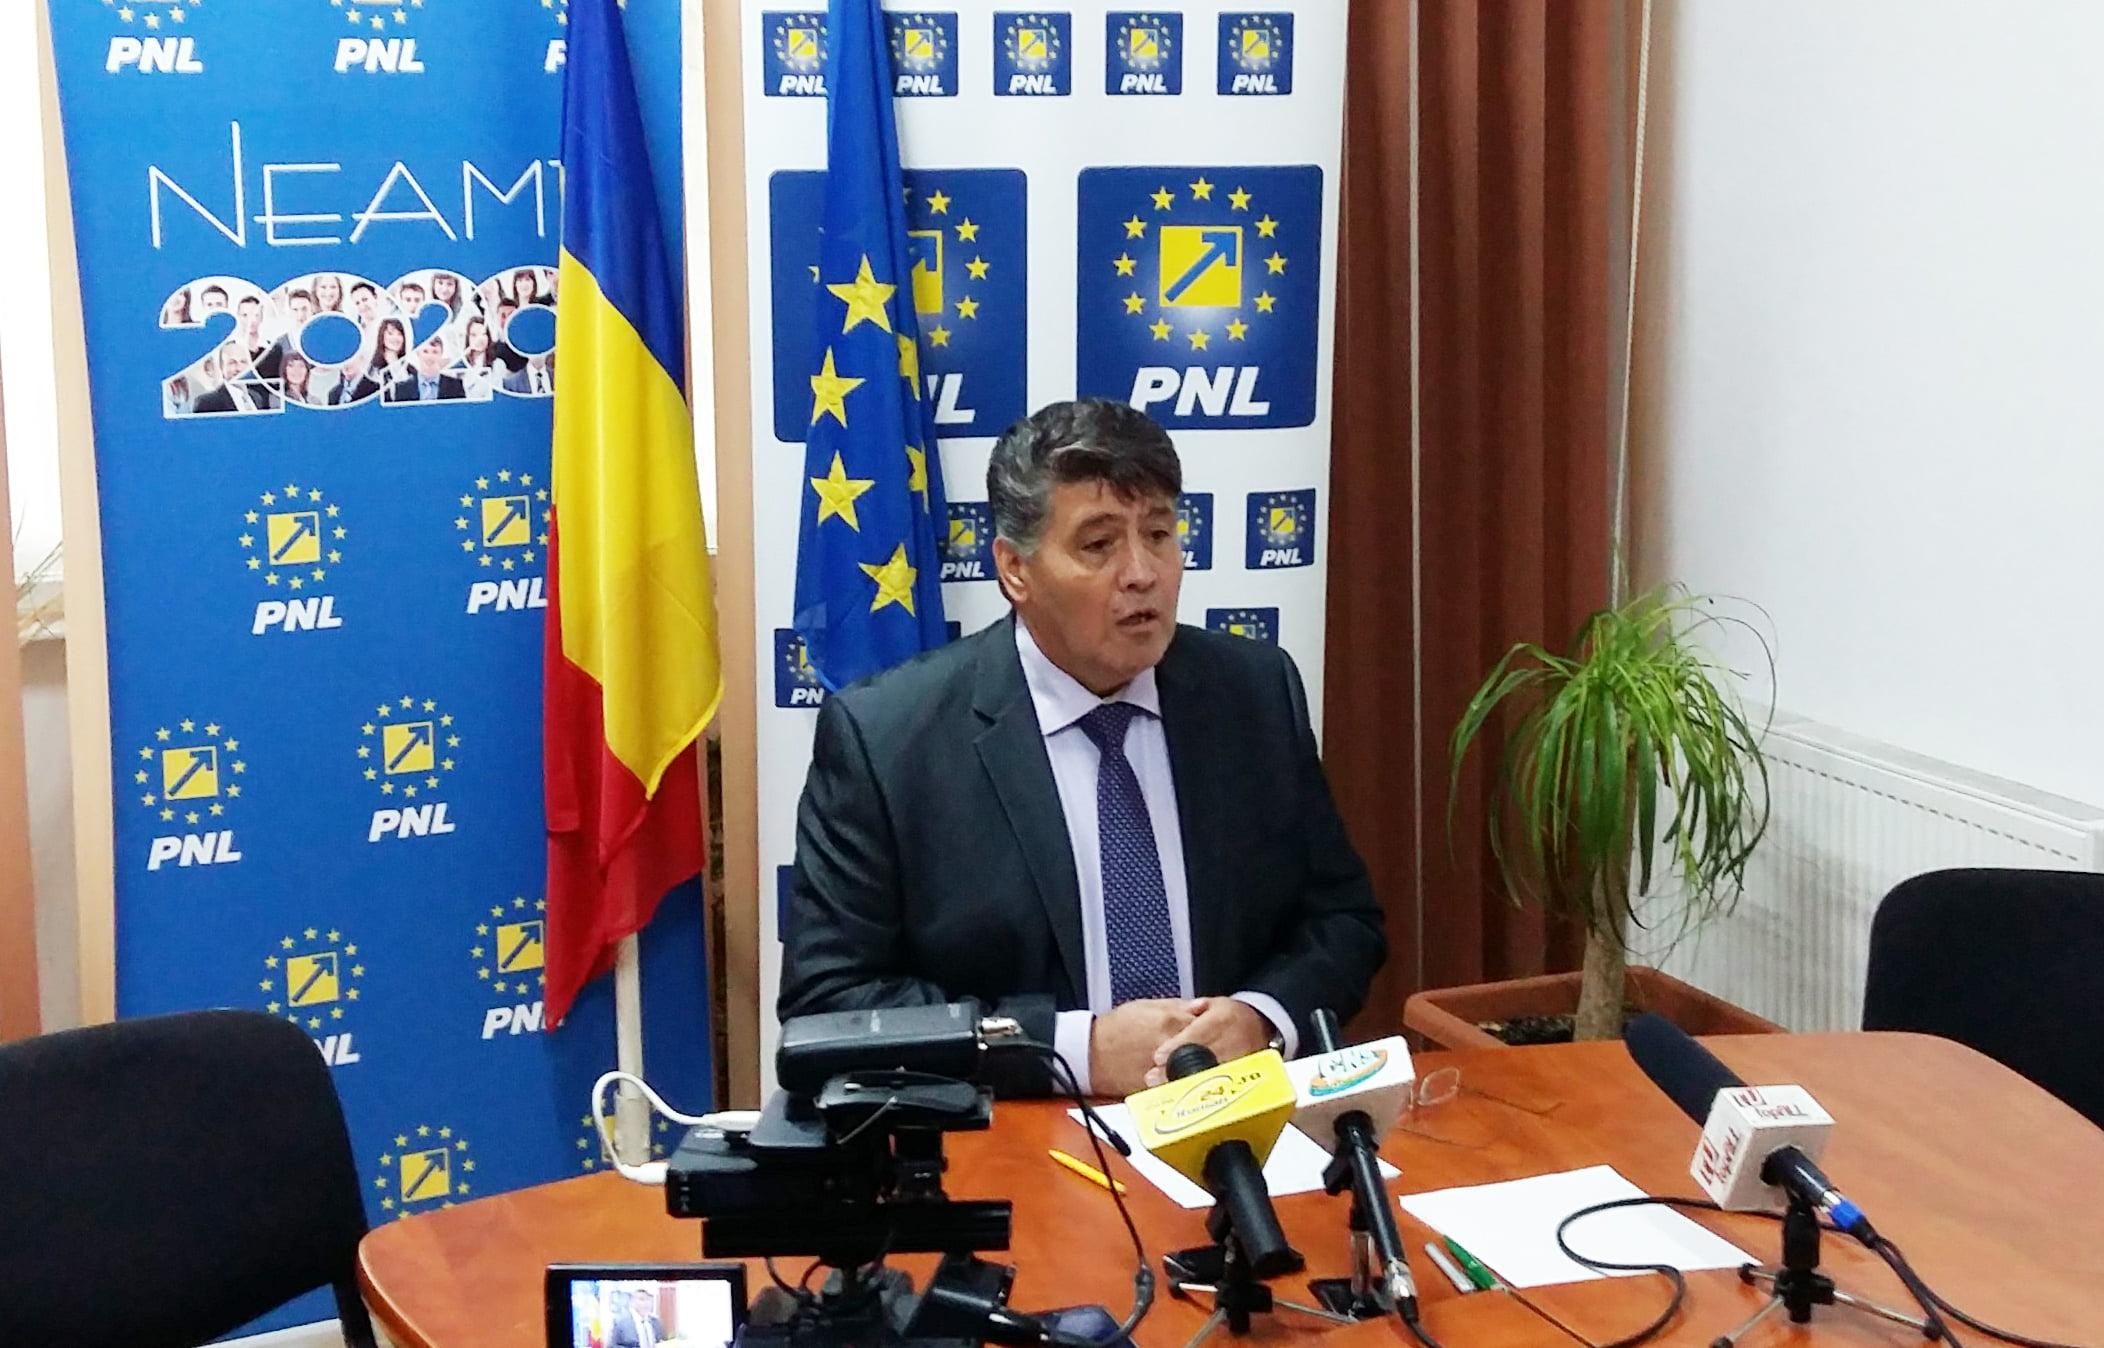 """Deputatul PNL Laurențiu Leoreanu: """"Voi fi și pe mai departe, așa cum am promis, o voce a celor care m-au votat"""""""